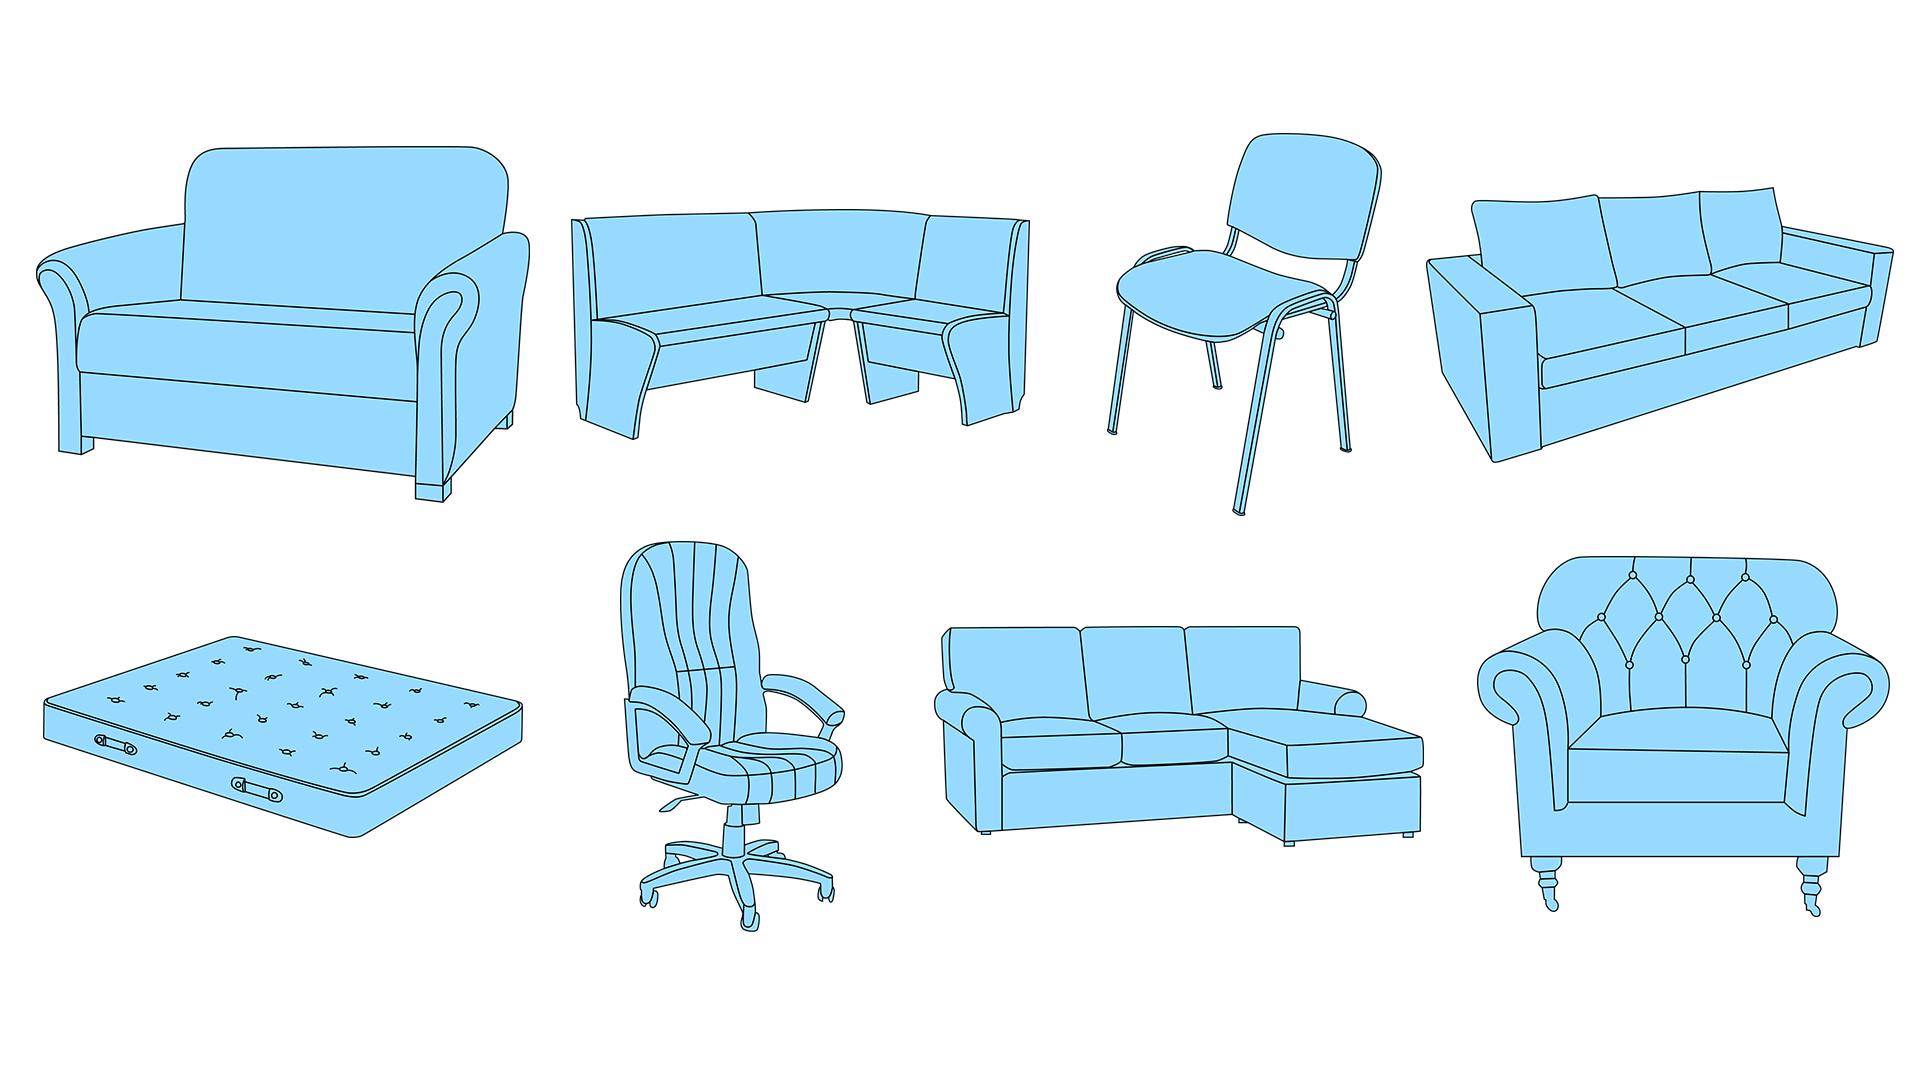 Отрисовка мебели для каталога